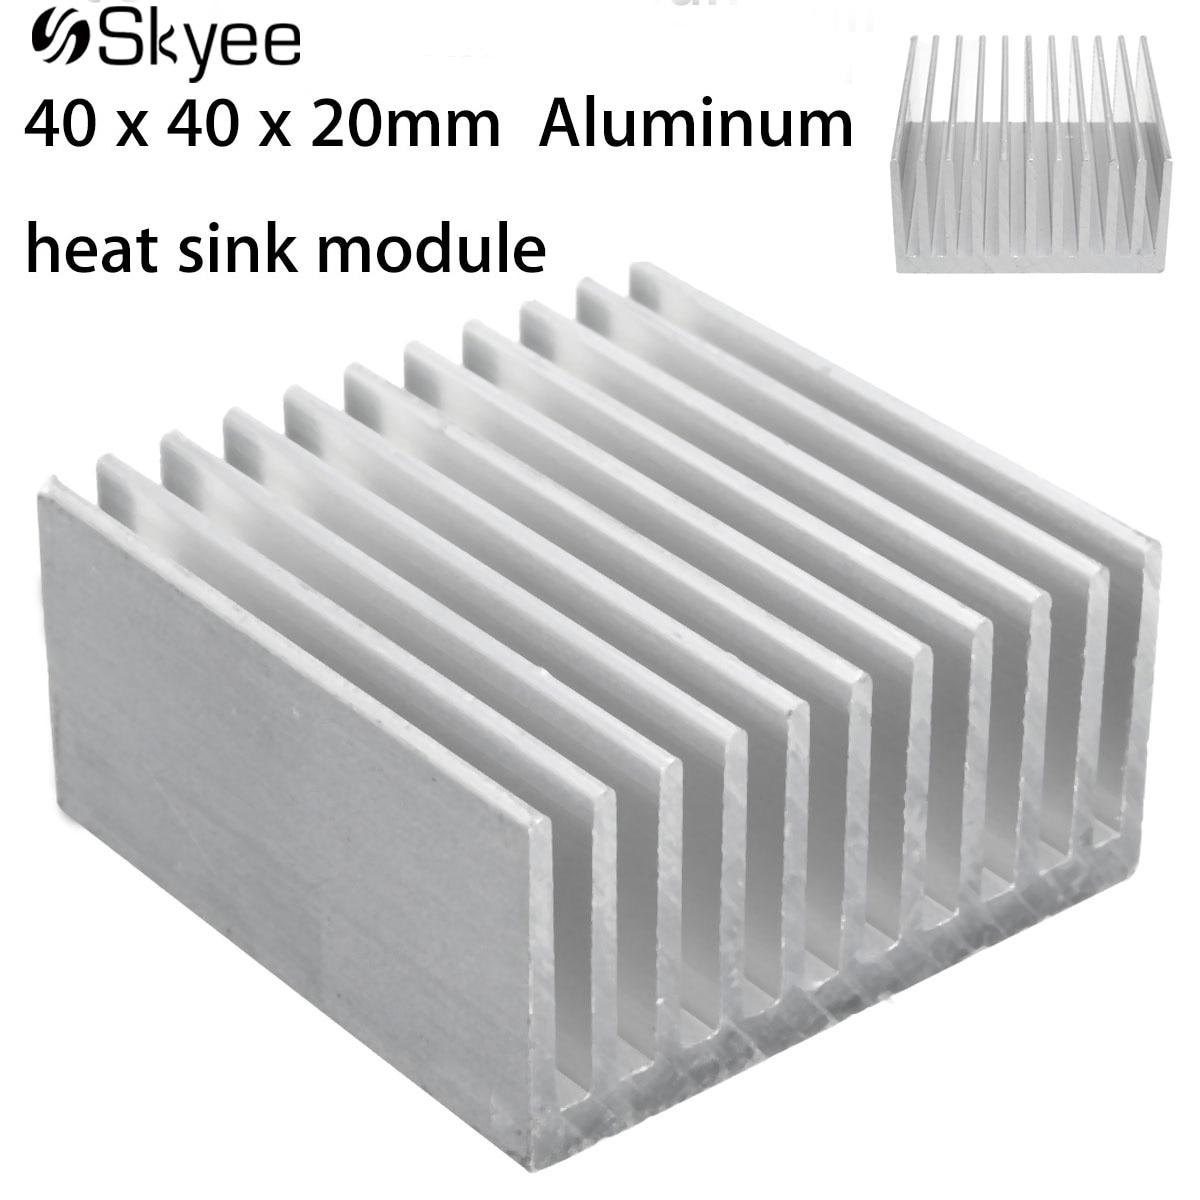 40x40x20mm aluminium dissipateur de chaleur radiateur IC dissipateur de chaleur refroidissement aileron pour CPU alimentation LED refroidissement Module thermique en gros